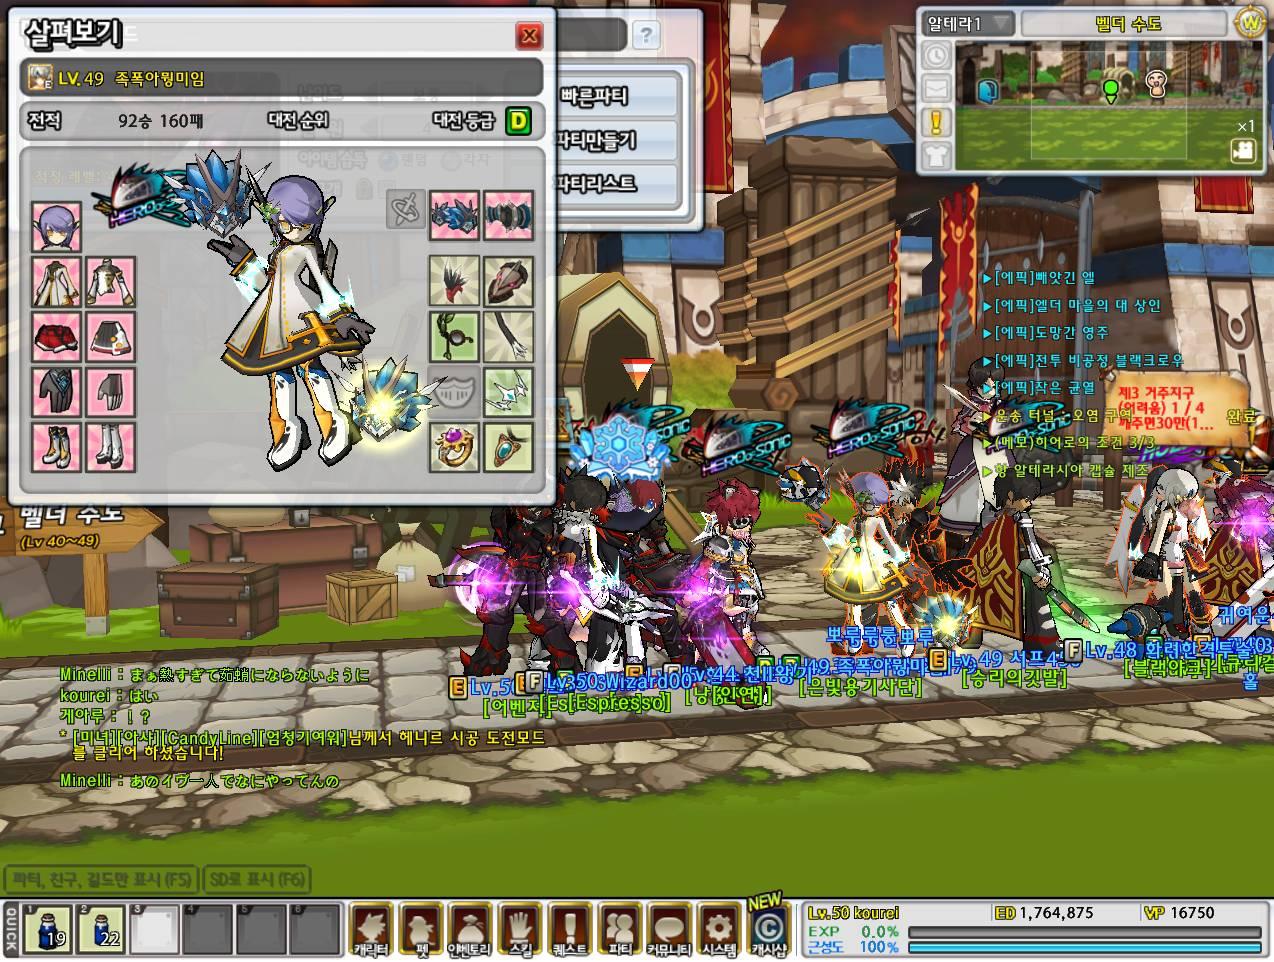 SC_2010_10_12_21_16_1_.jpg